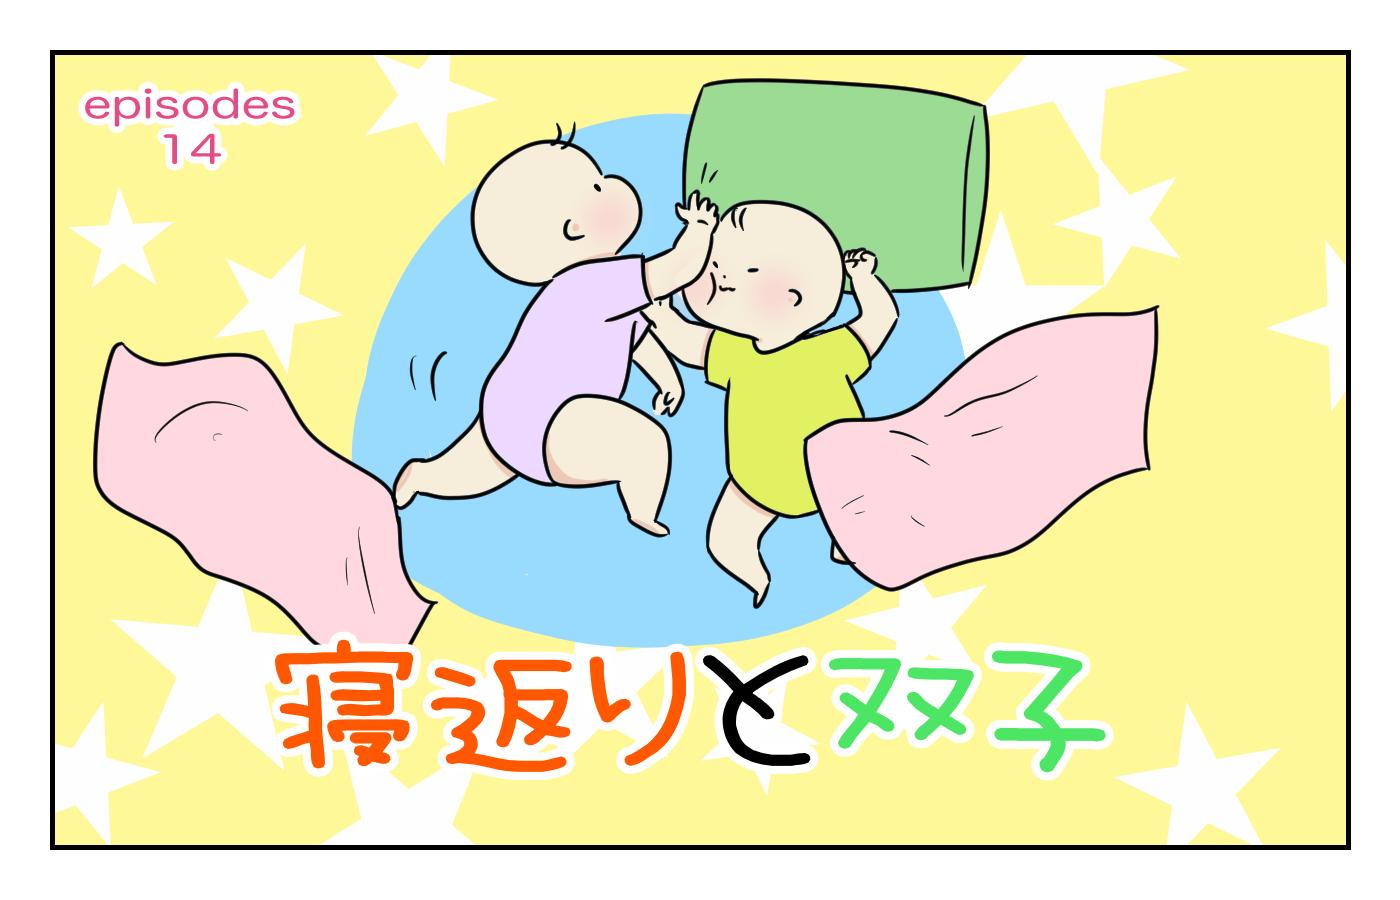 捻りから寝返りまでがとてつもなく早かった! 「双子の初寝返り」を見ることができた話